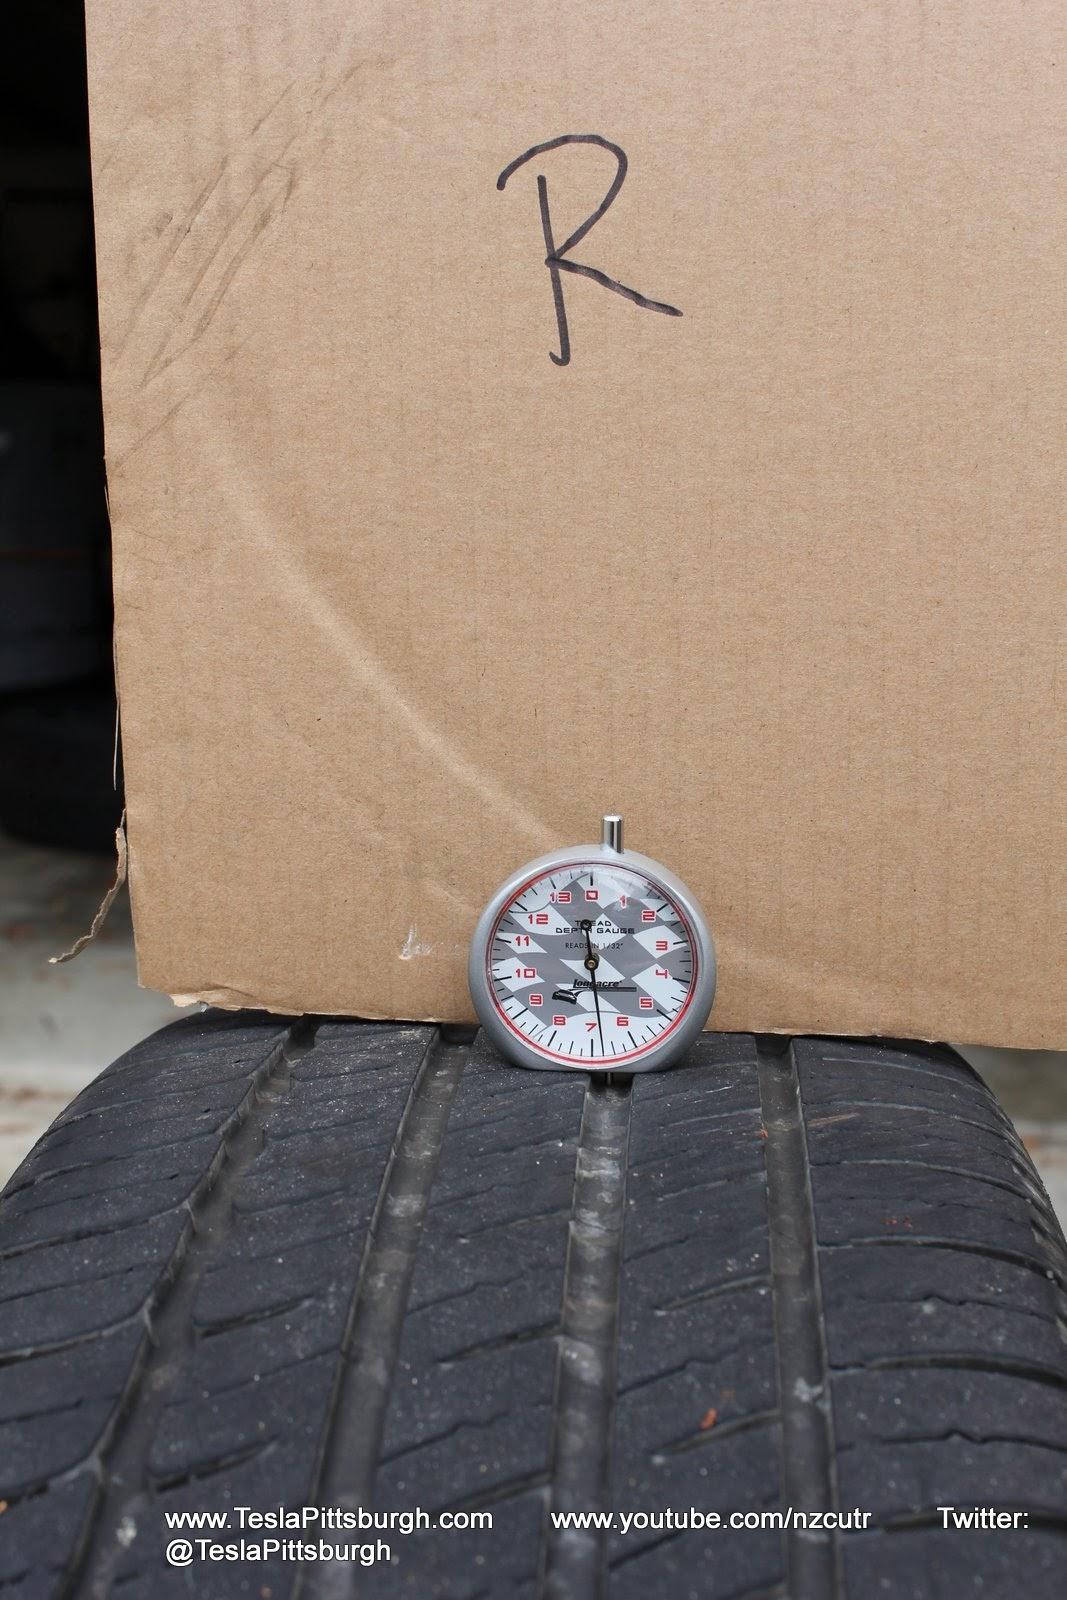 Model-S-Tire-Rotation-Wear-Rear